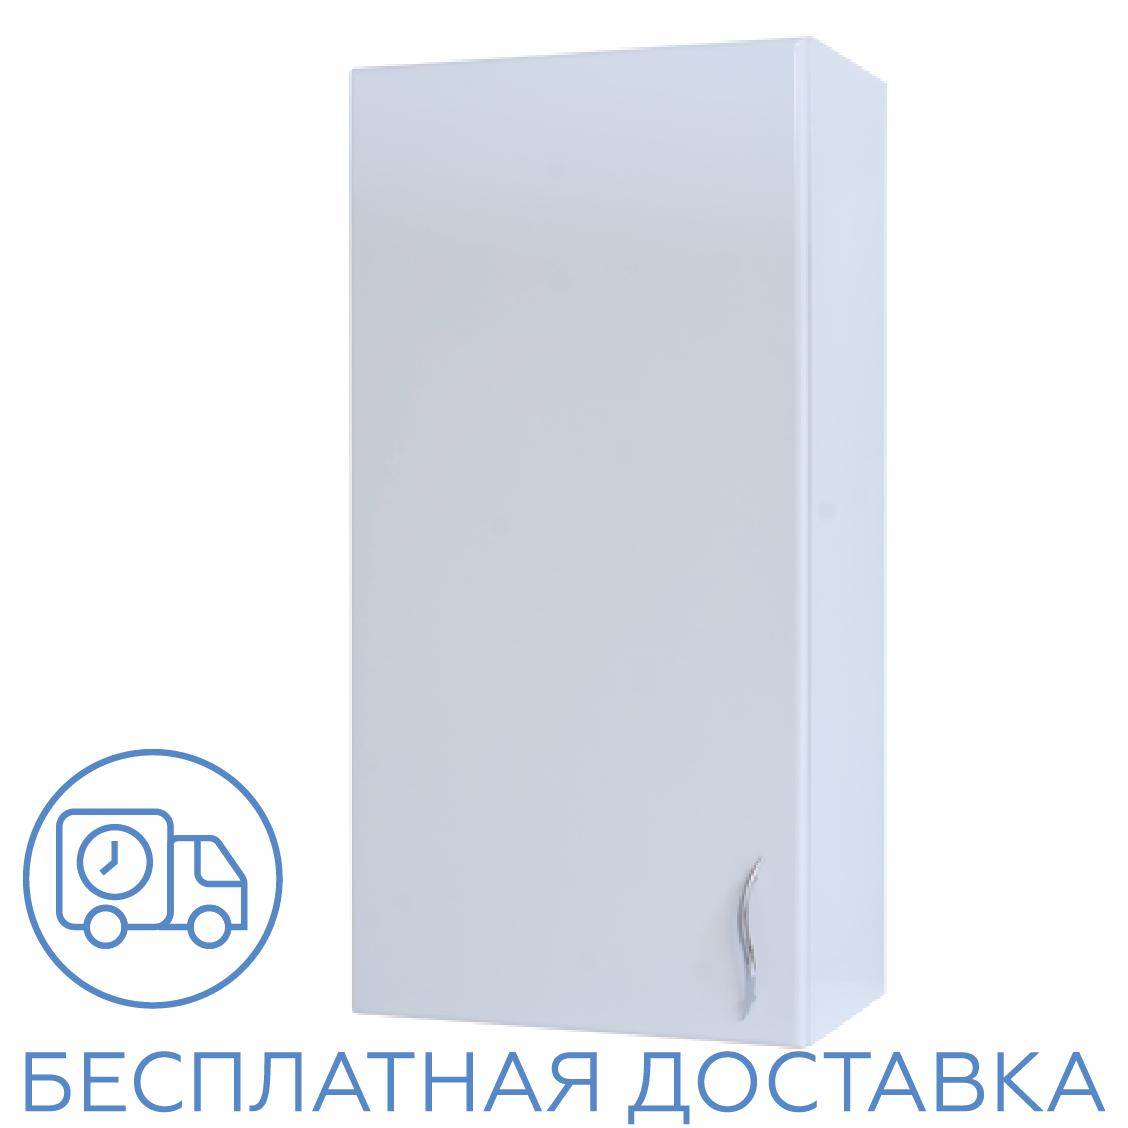 Шкаф навесной для ванной комнаты Базис 40-02 левый ПИК